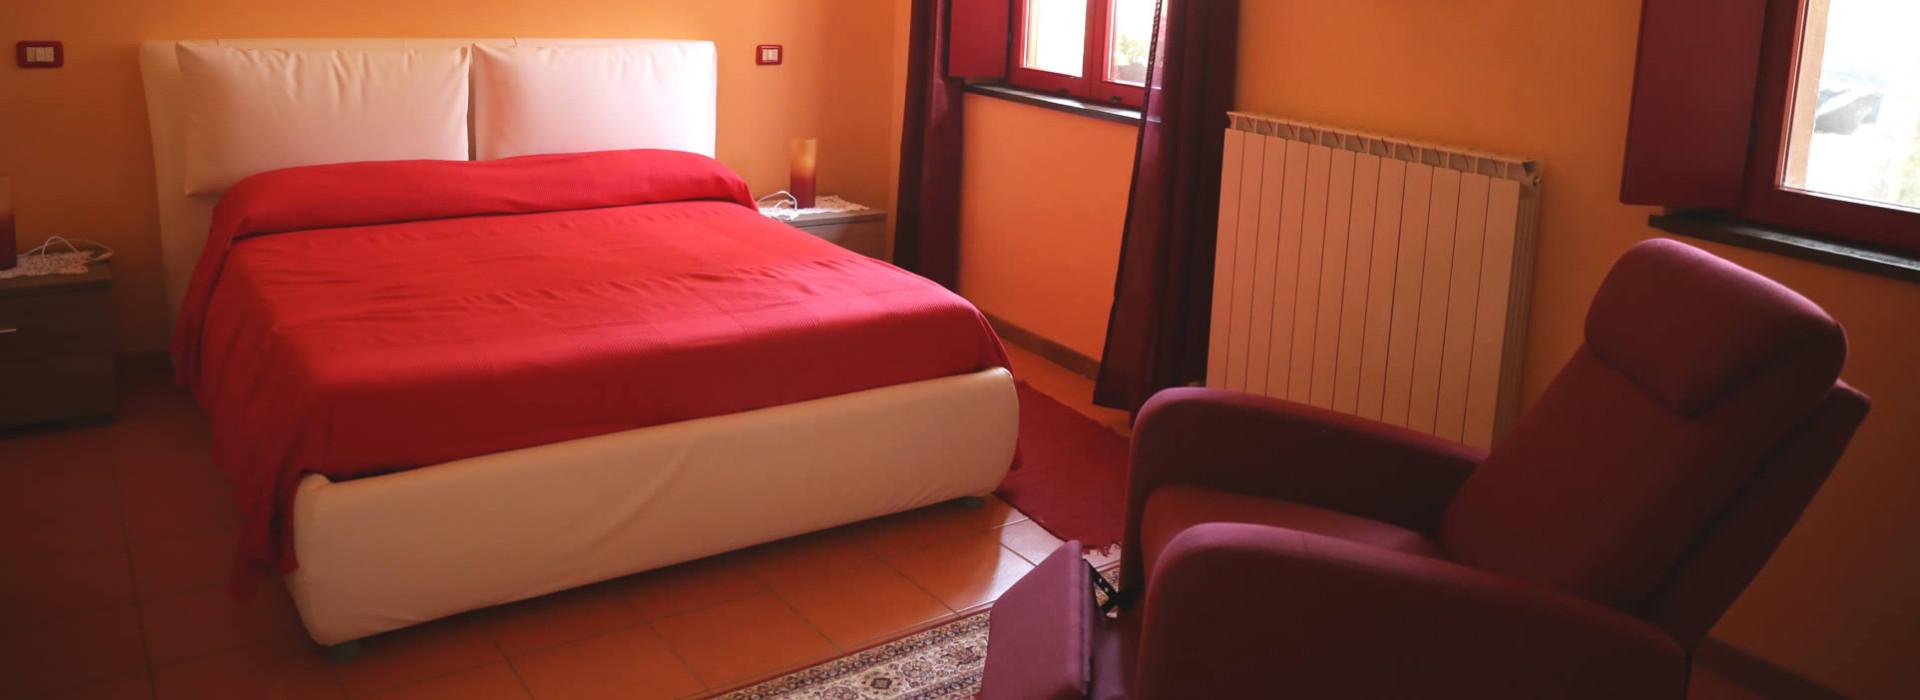 Bed & breakfast Cremona